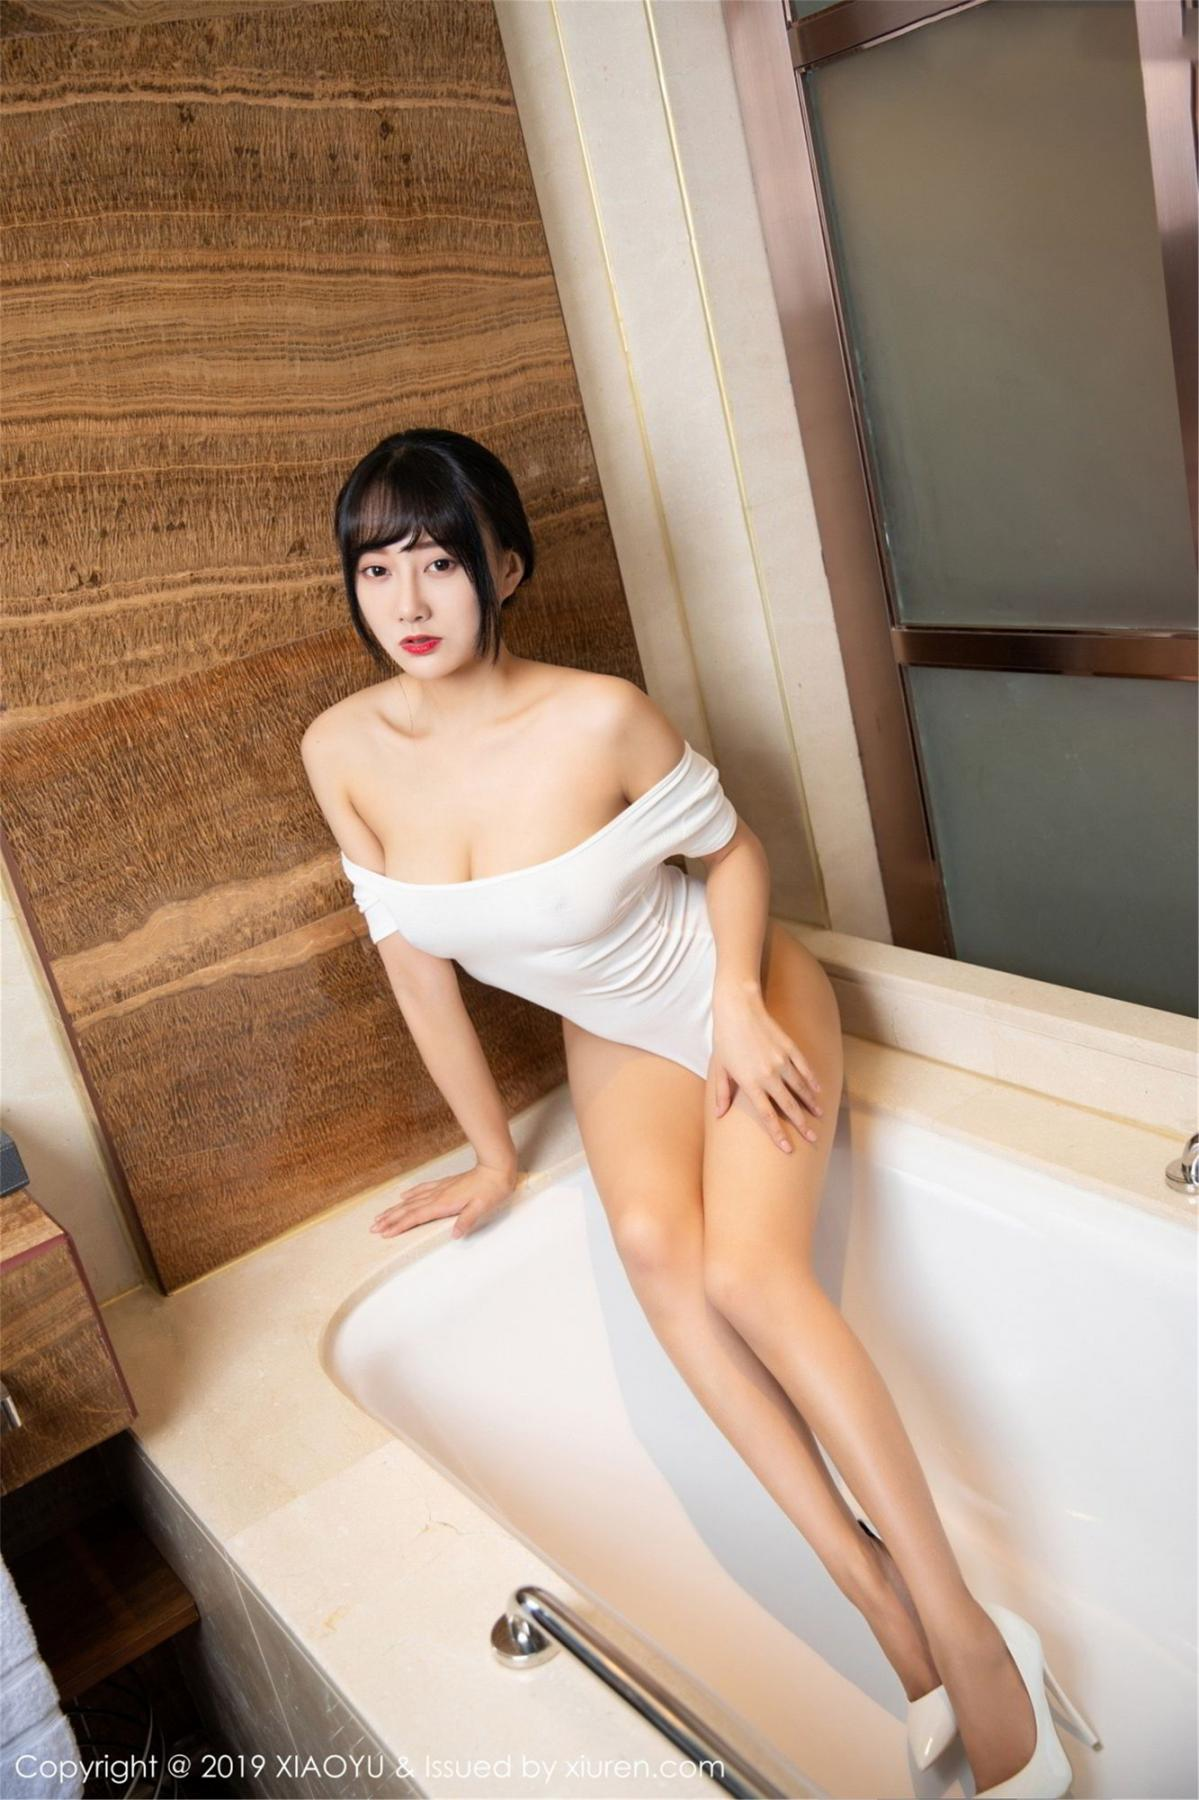 [XiaoYu] Vol.116 He Jia Ying 23P, Bathroom, He Jia Ying, Wet, XiaoYu